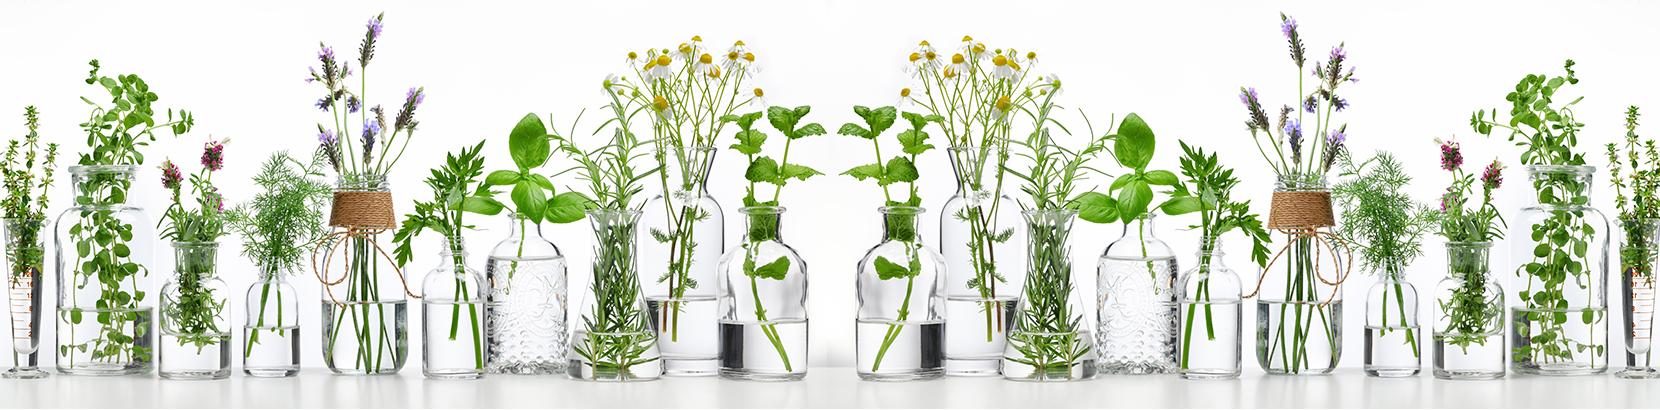 צמחי מרפא הינם תחום המתפתח כיום בעולם